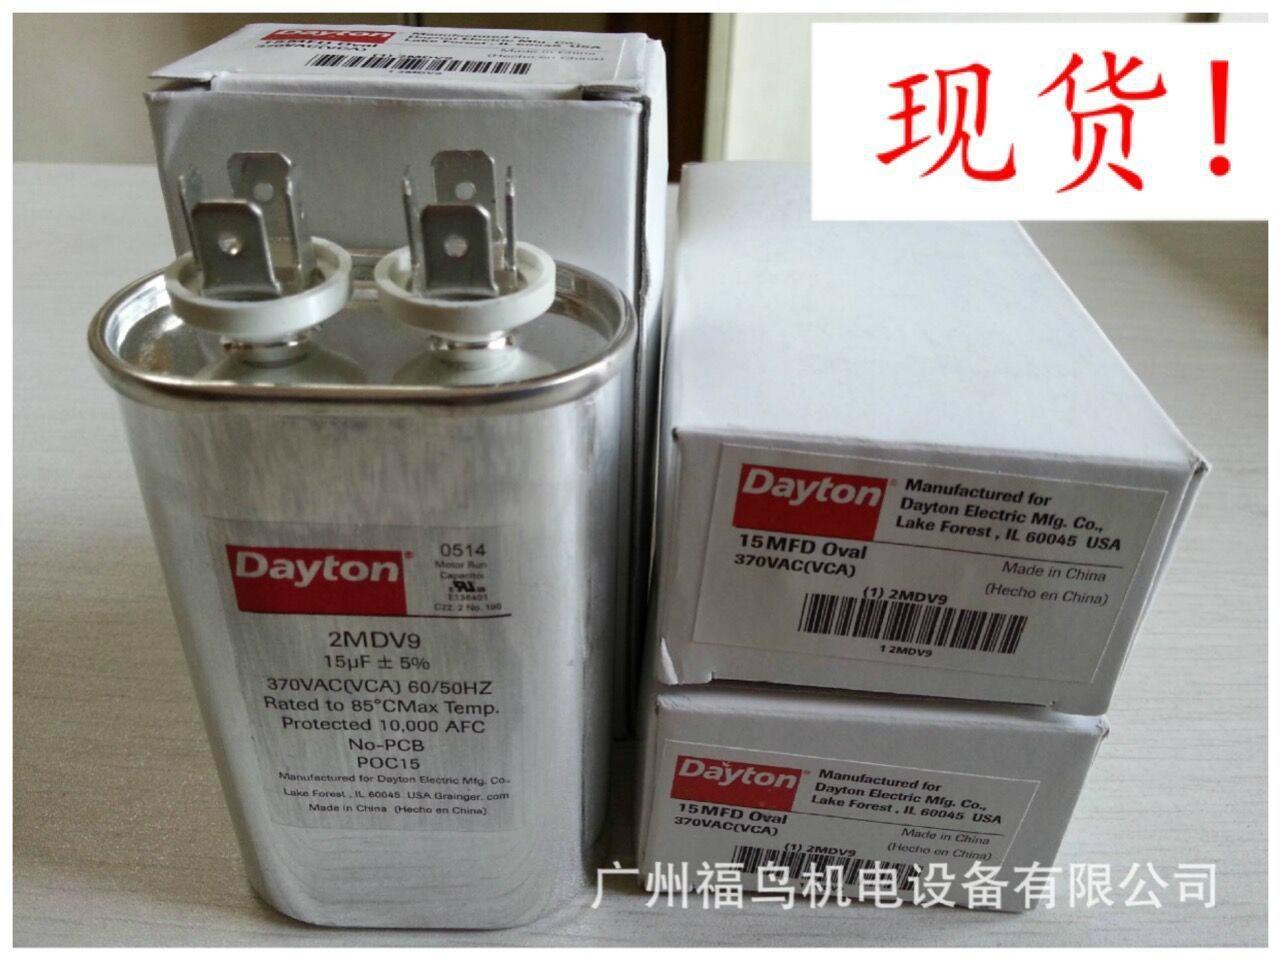 DAYTON電容  型號: 2MDV9